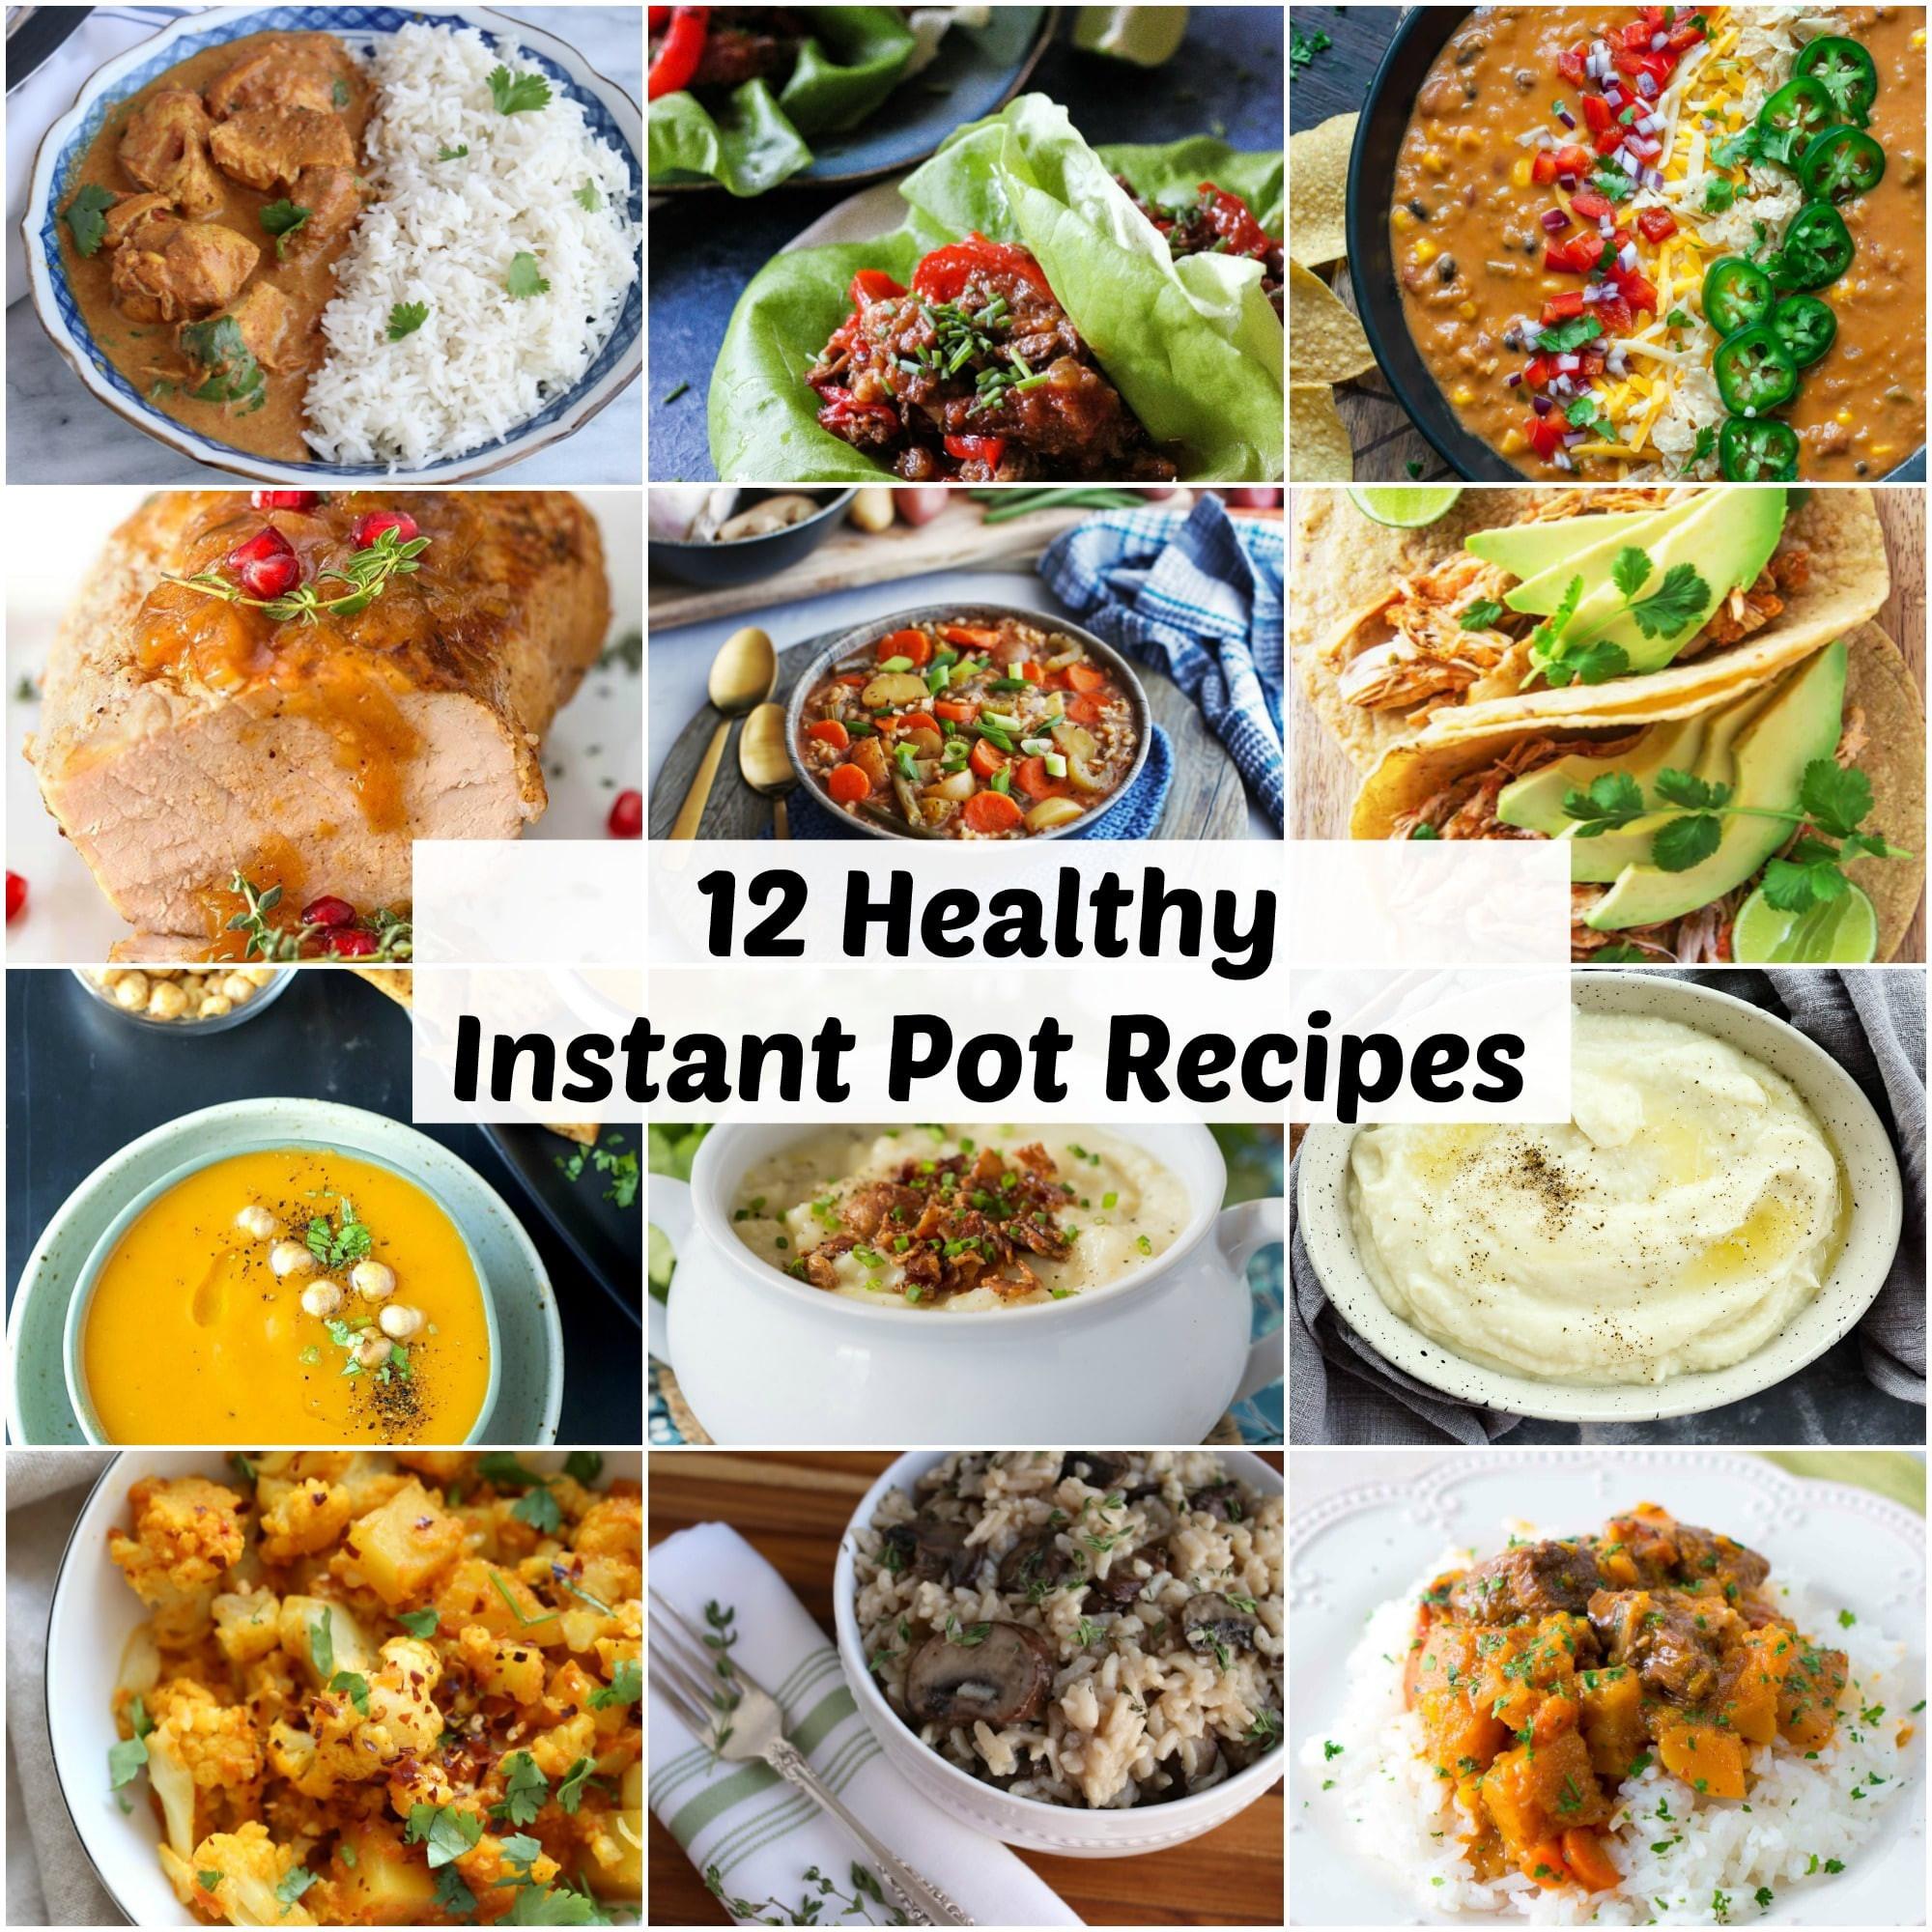 Instant Pot Recipes Healthy  12 Healthy Instant Pot Recipes